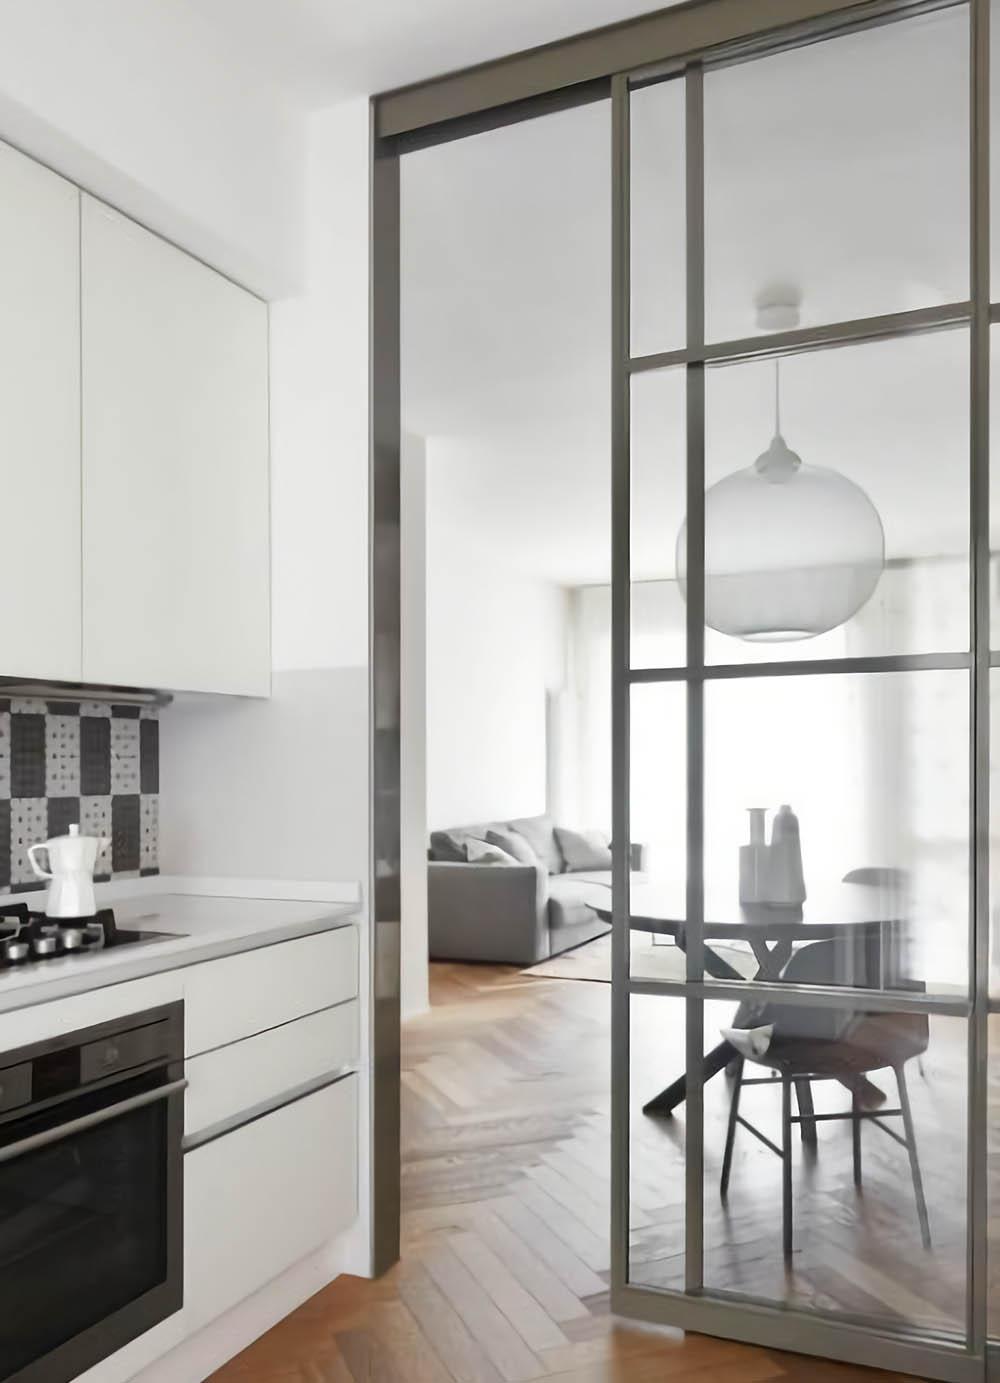 Раздвижная дверь со стеклом на кухню